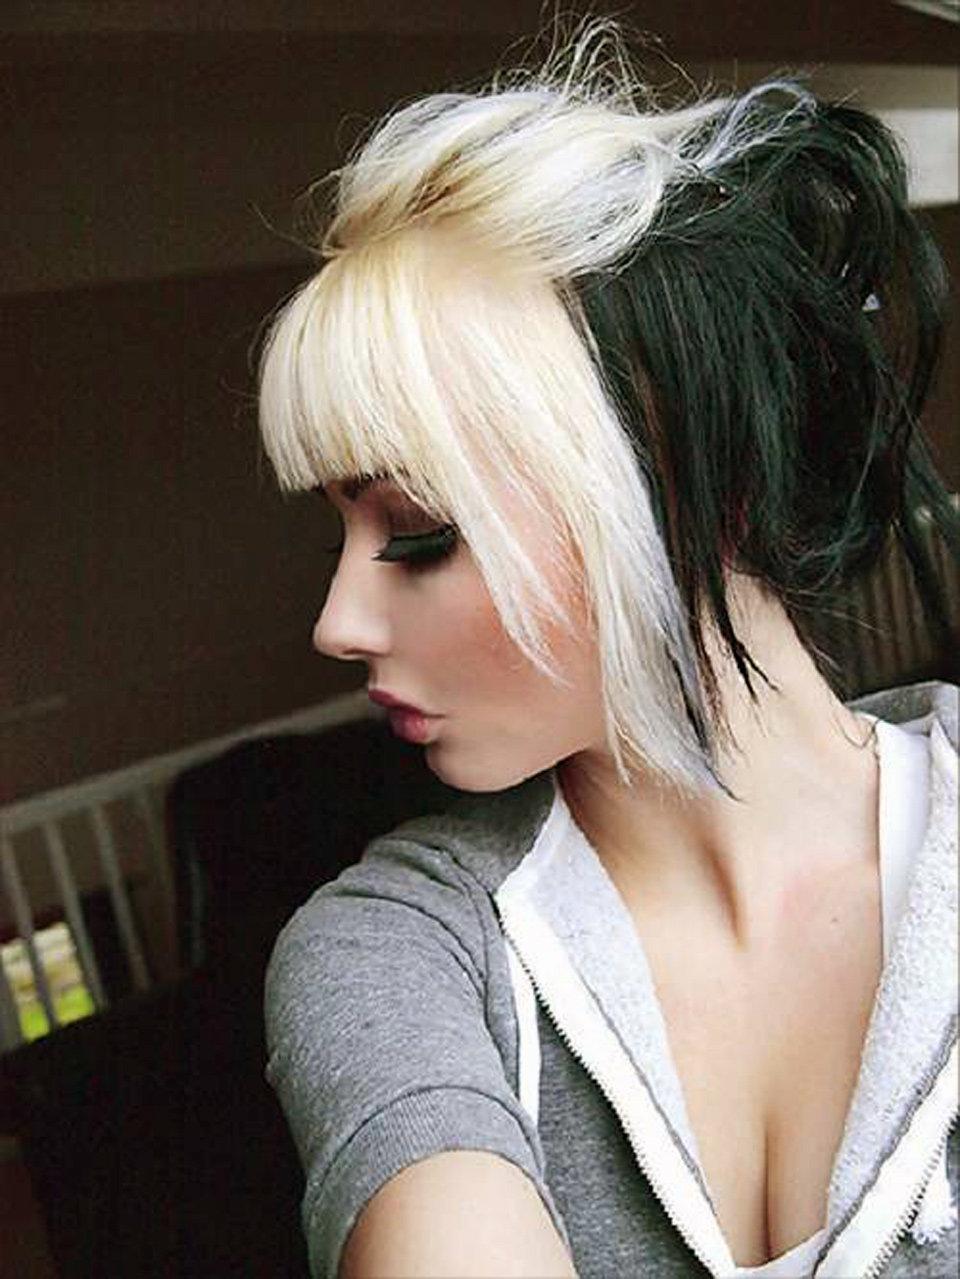 покраска волос низ черный верх белый фото этом вам